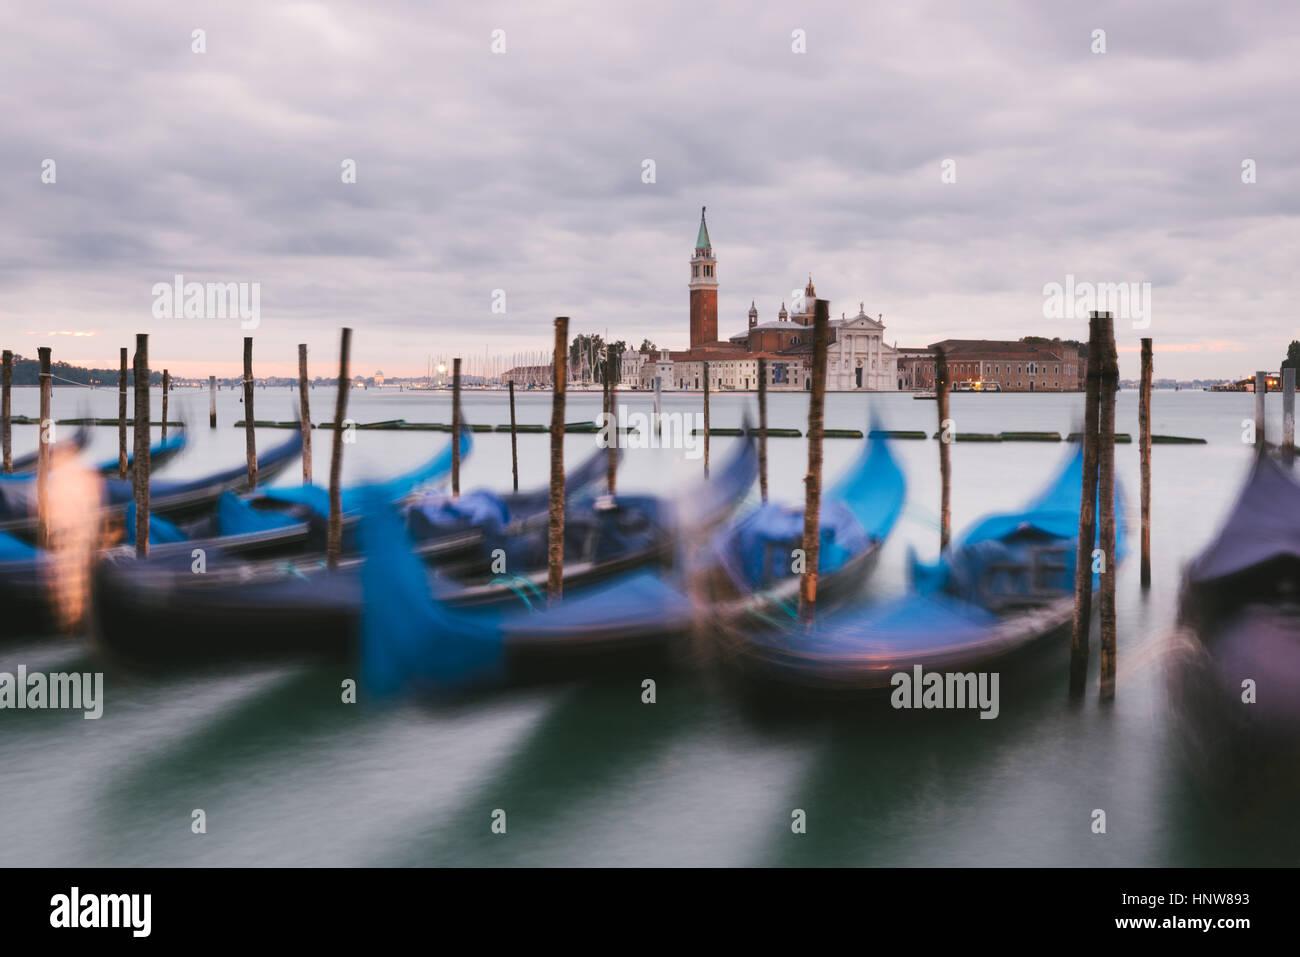 Gondoles de Grand Canal, l'île de San Giorgio Maggiore en arrière-plan, Venise, Italie Banque D'Images